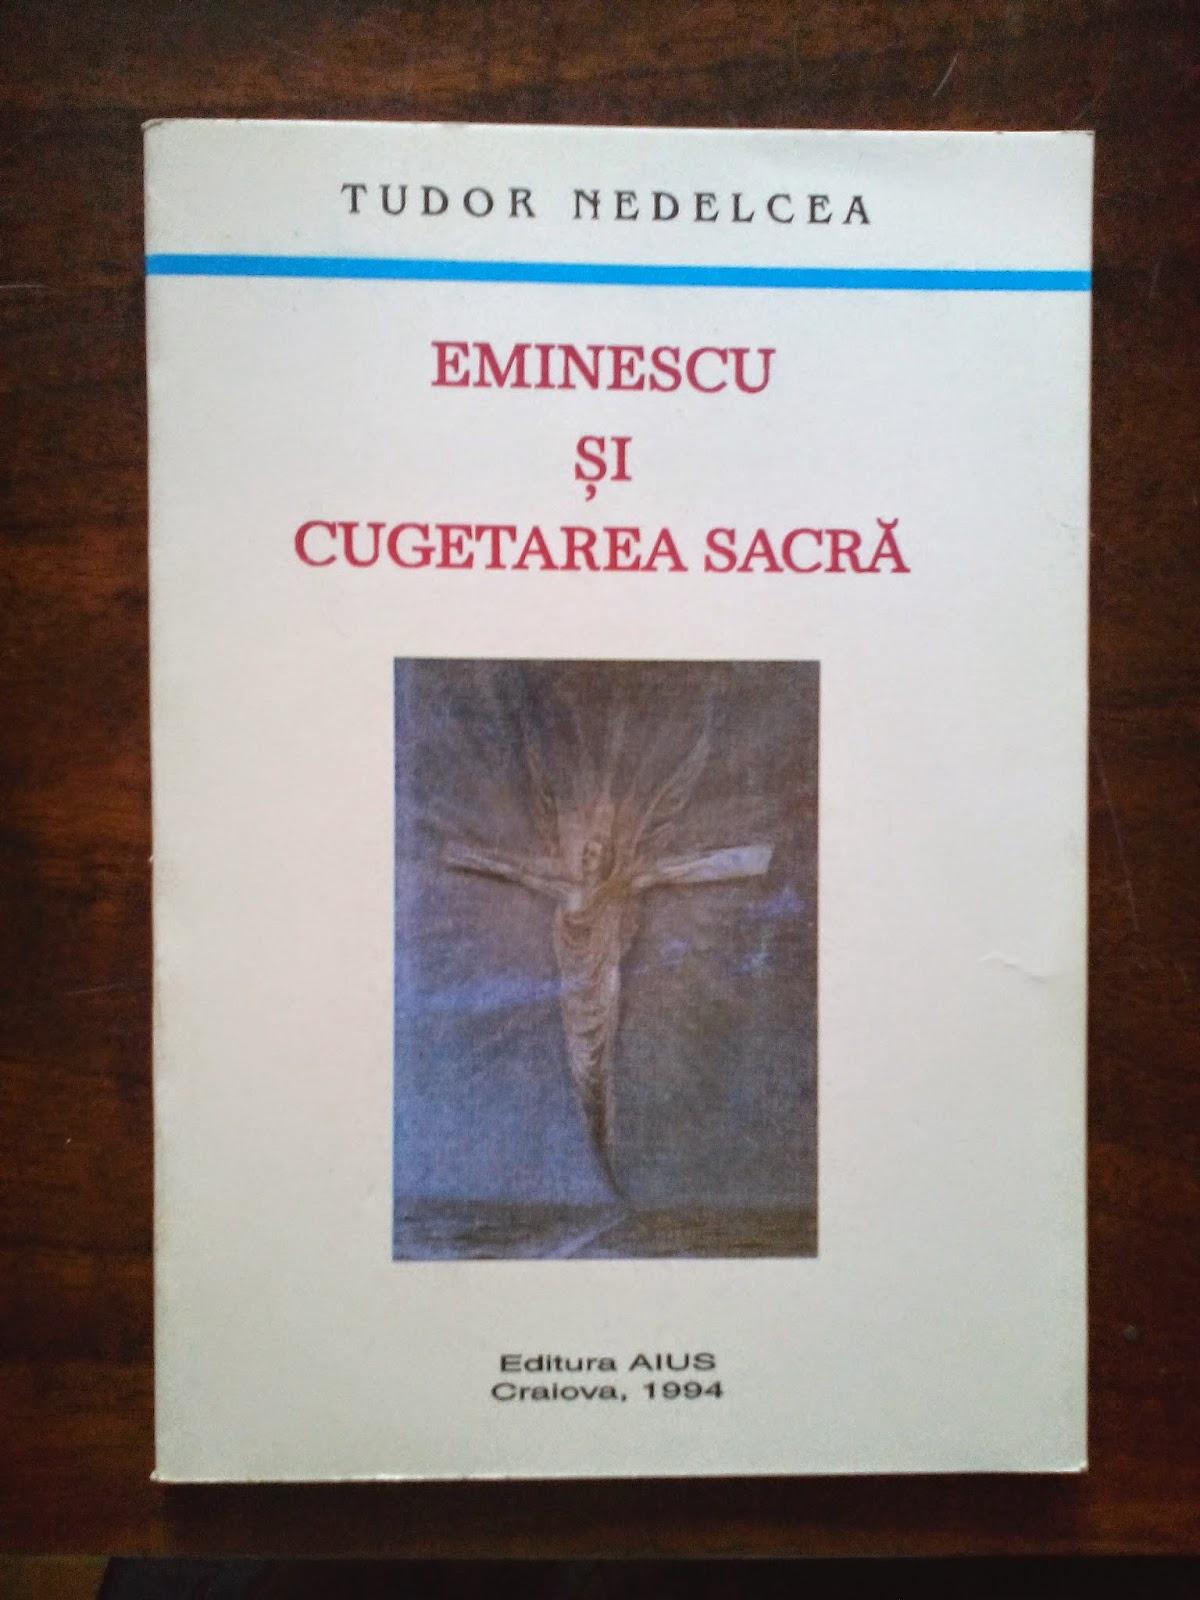 Tudor Nedelcea - Eminescu si cugetarea sacra